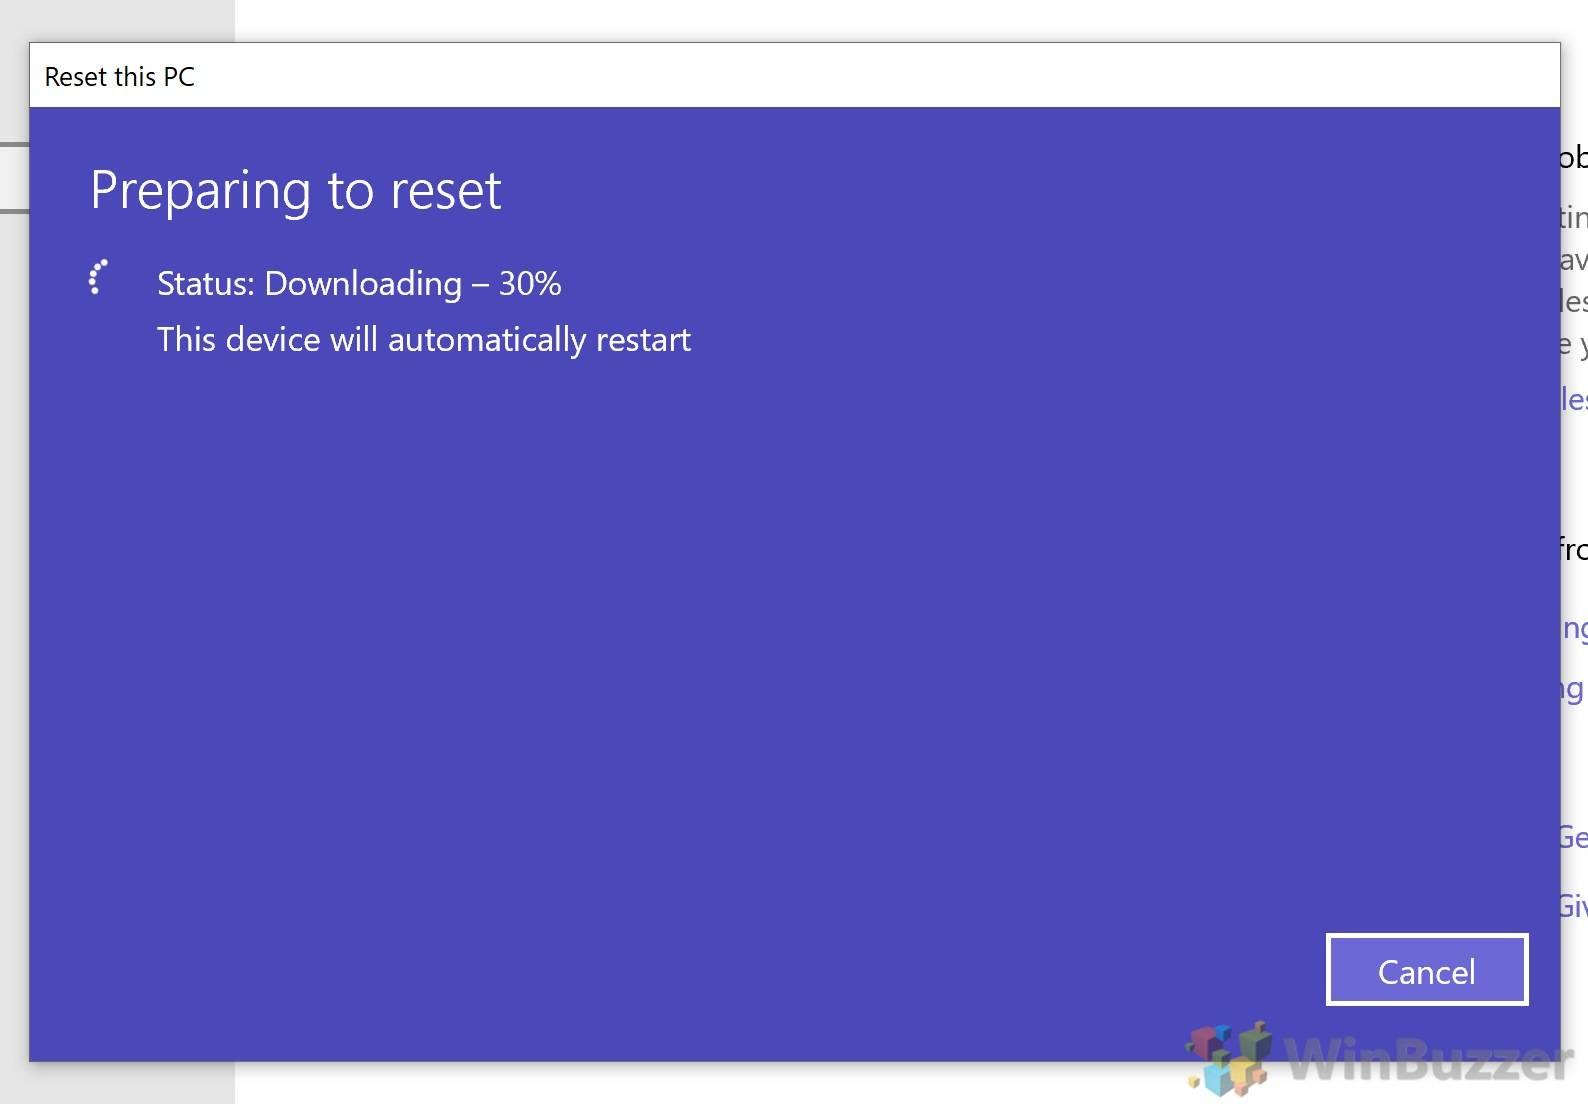 如何重设Windows 10(一般或原厂重设)